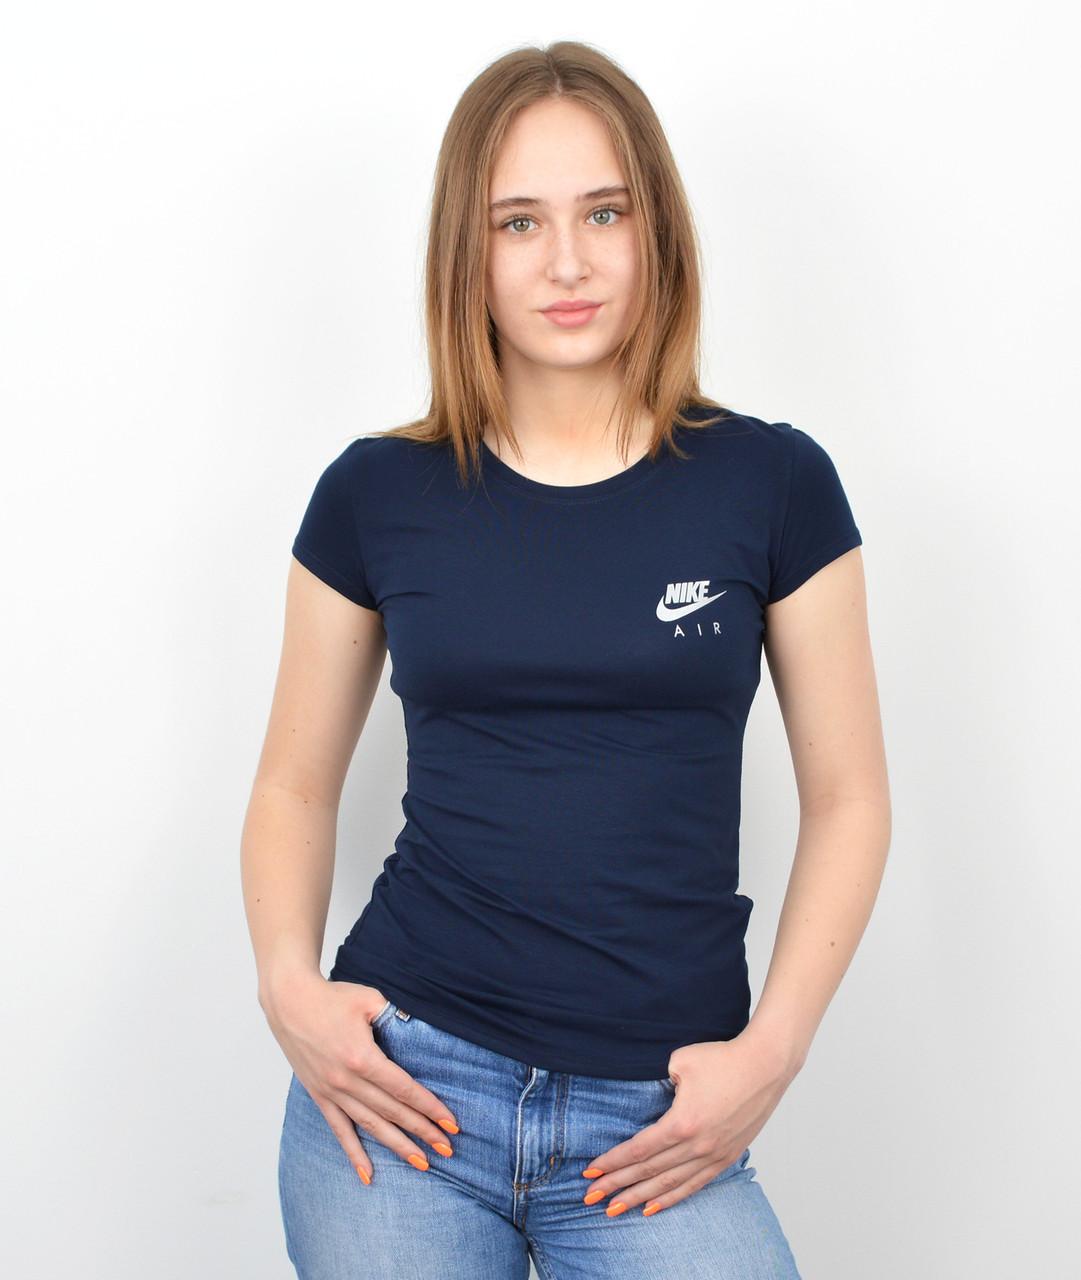 Женская футболка оптом спорт S0520 Синий